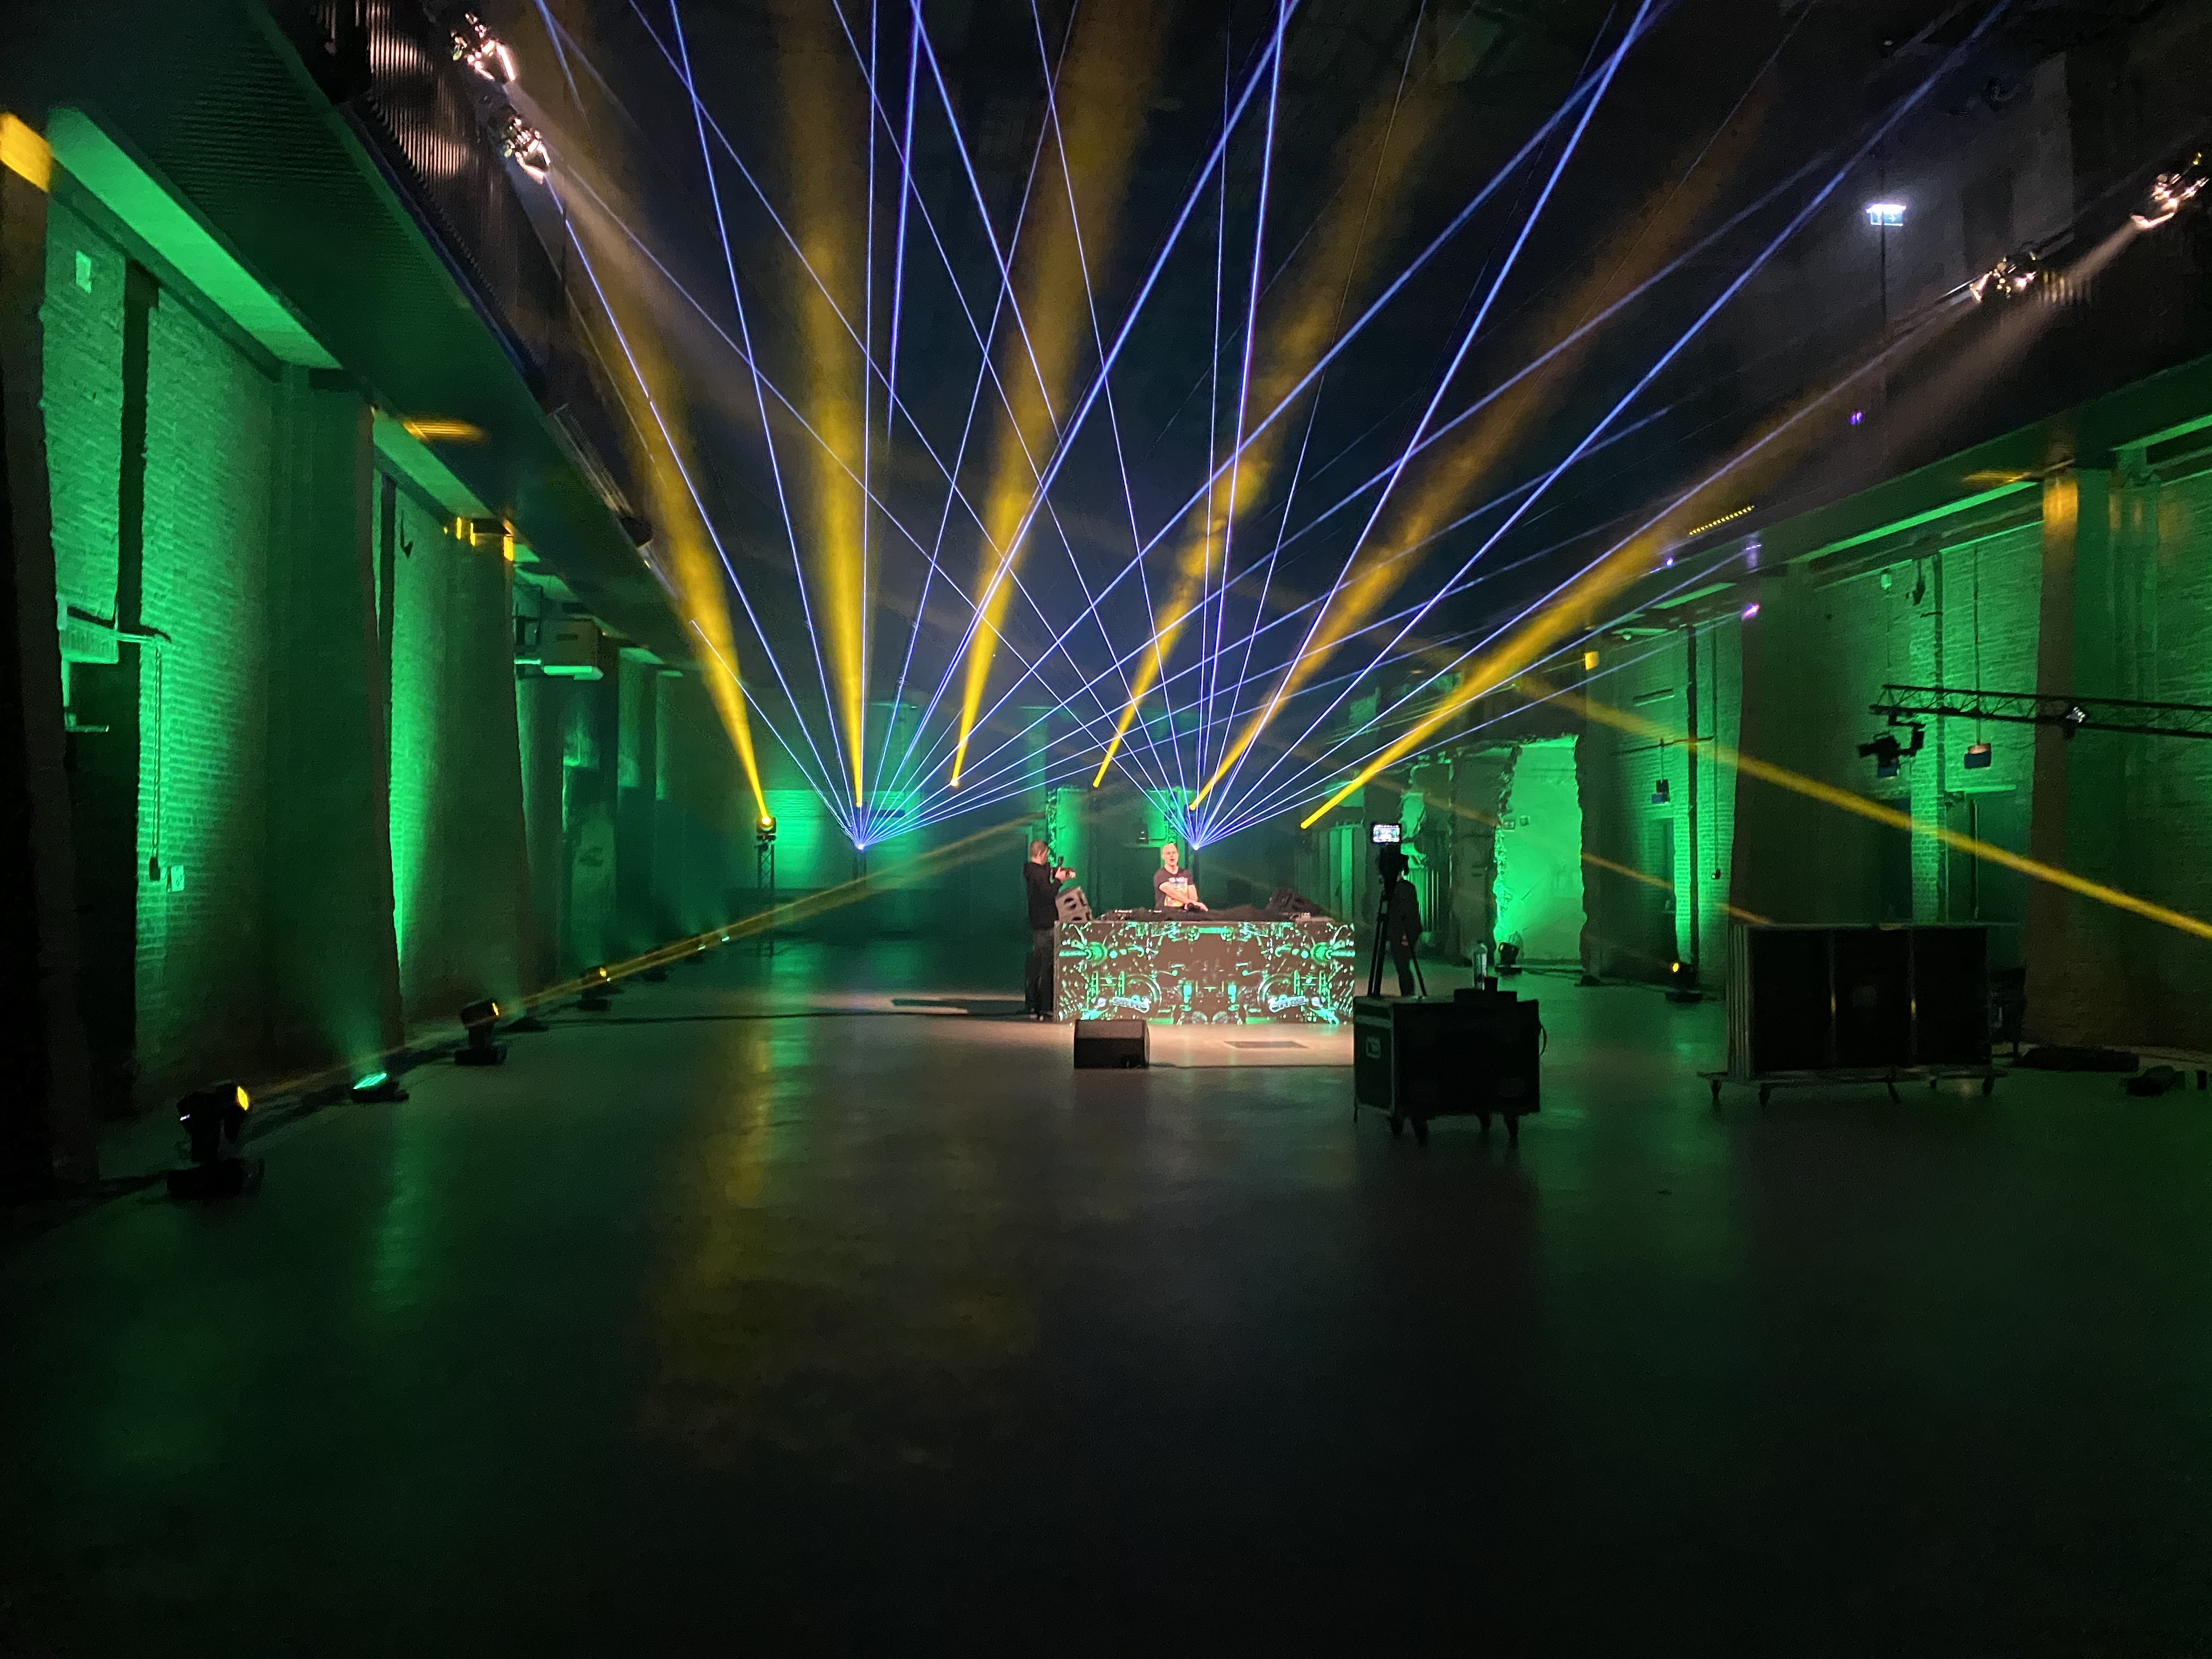 Overture opening avond carnaval 2019 in Sint Michielsgestel | De Huif | Roijendijk Licht En Geluid | RLG | R-LG [Martin Rush MH3. Martin Mac 101. Martin Atomic 3000. CLF Beam 6. Showtec Spectral M800.